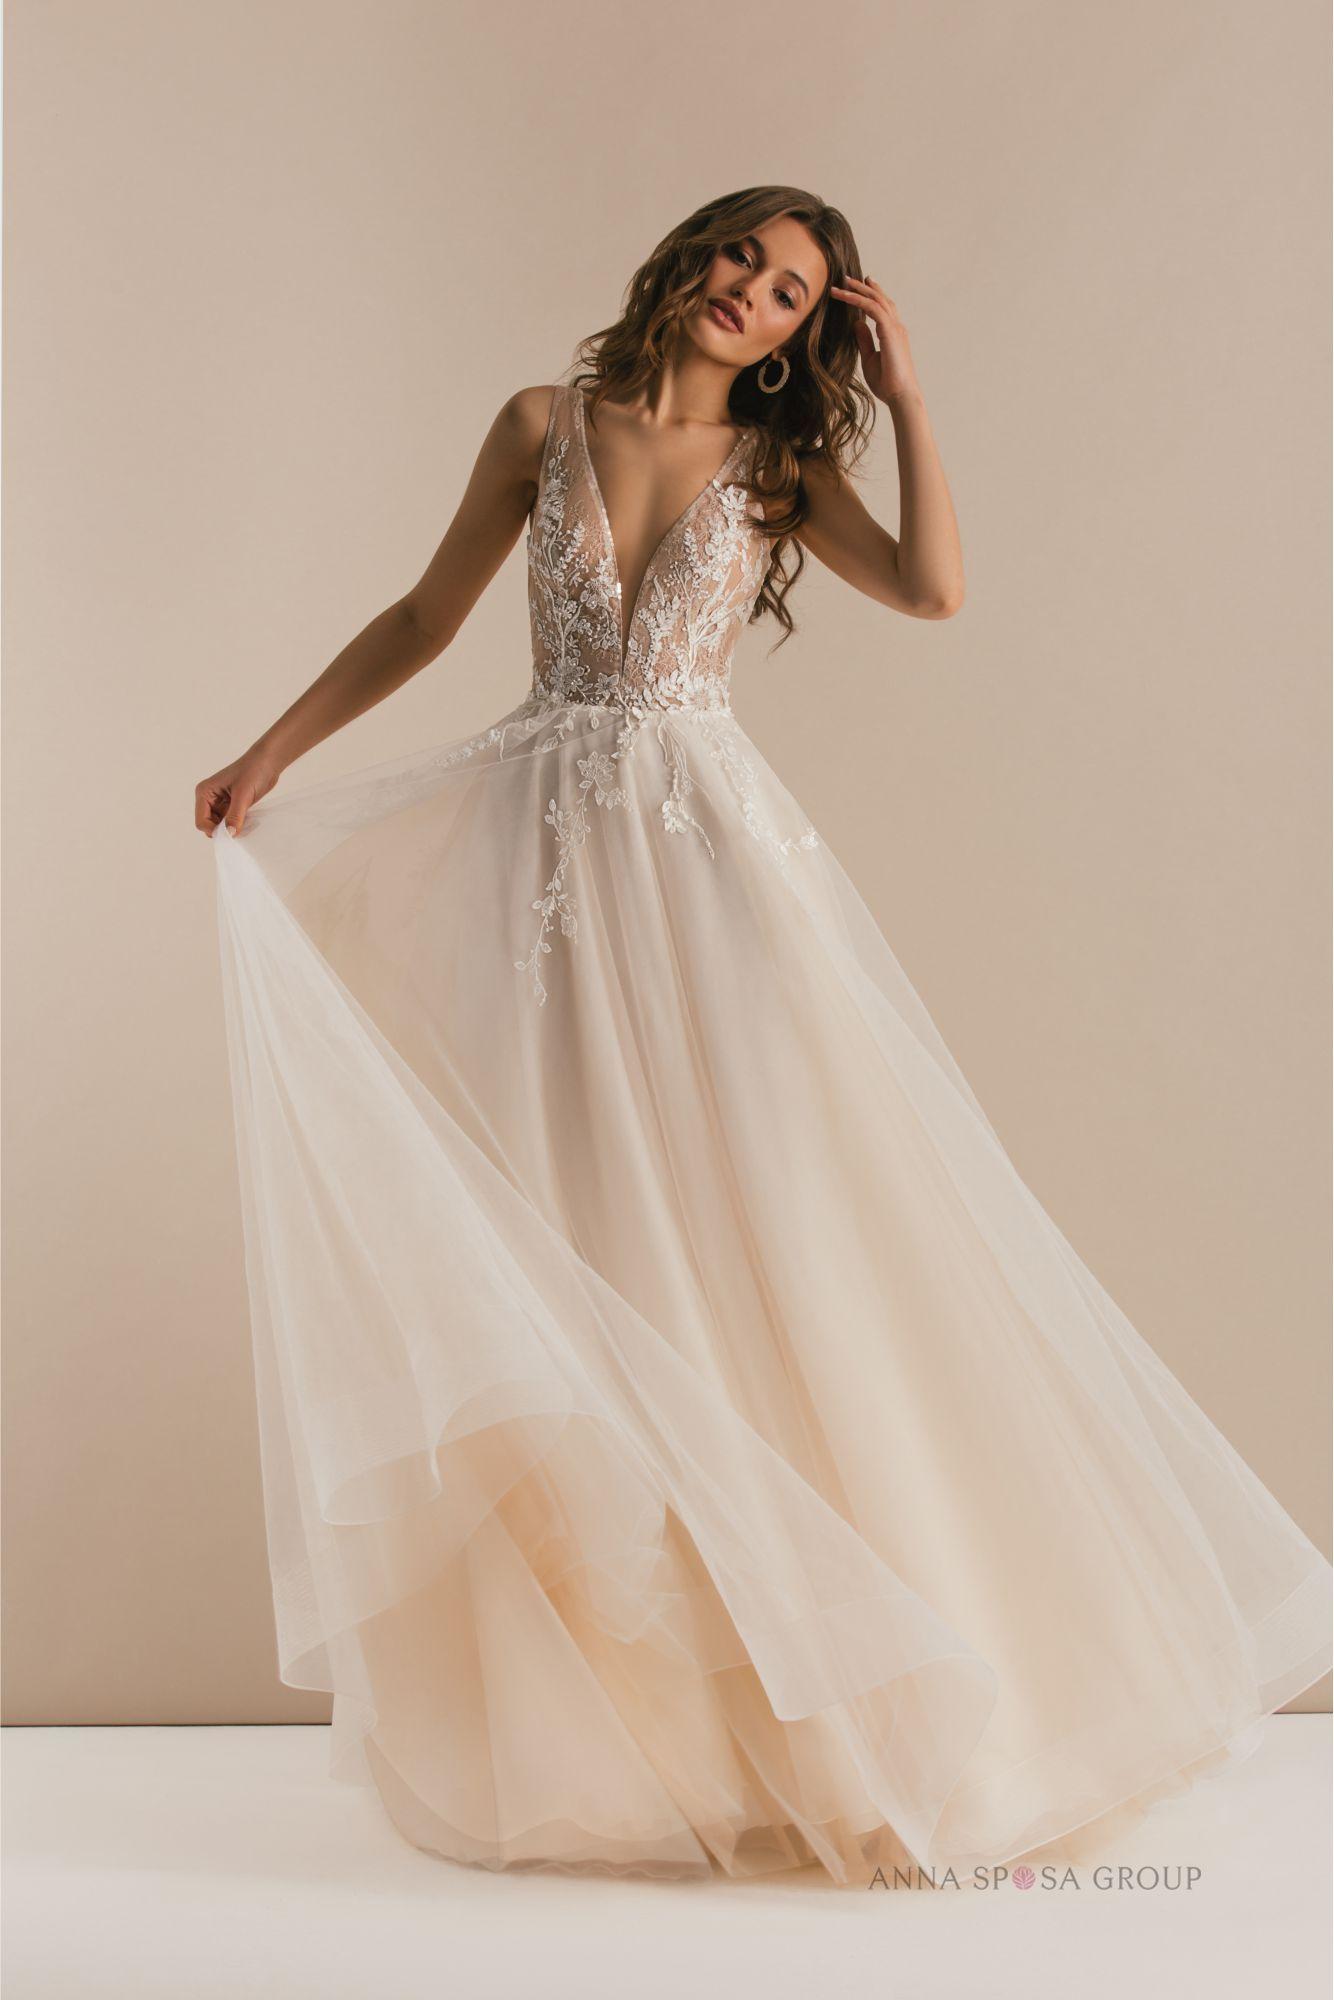 Jaila Wedding Dress Magic Balance Collection Buy Wedding Dress Wedding Dresses Rustic Wedding Dresses [ 2000 x 1334 Pixel ]